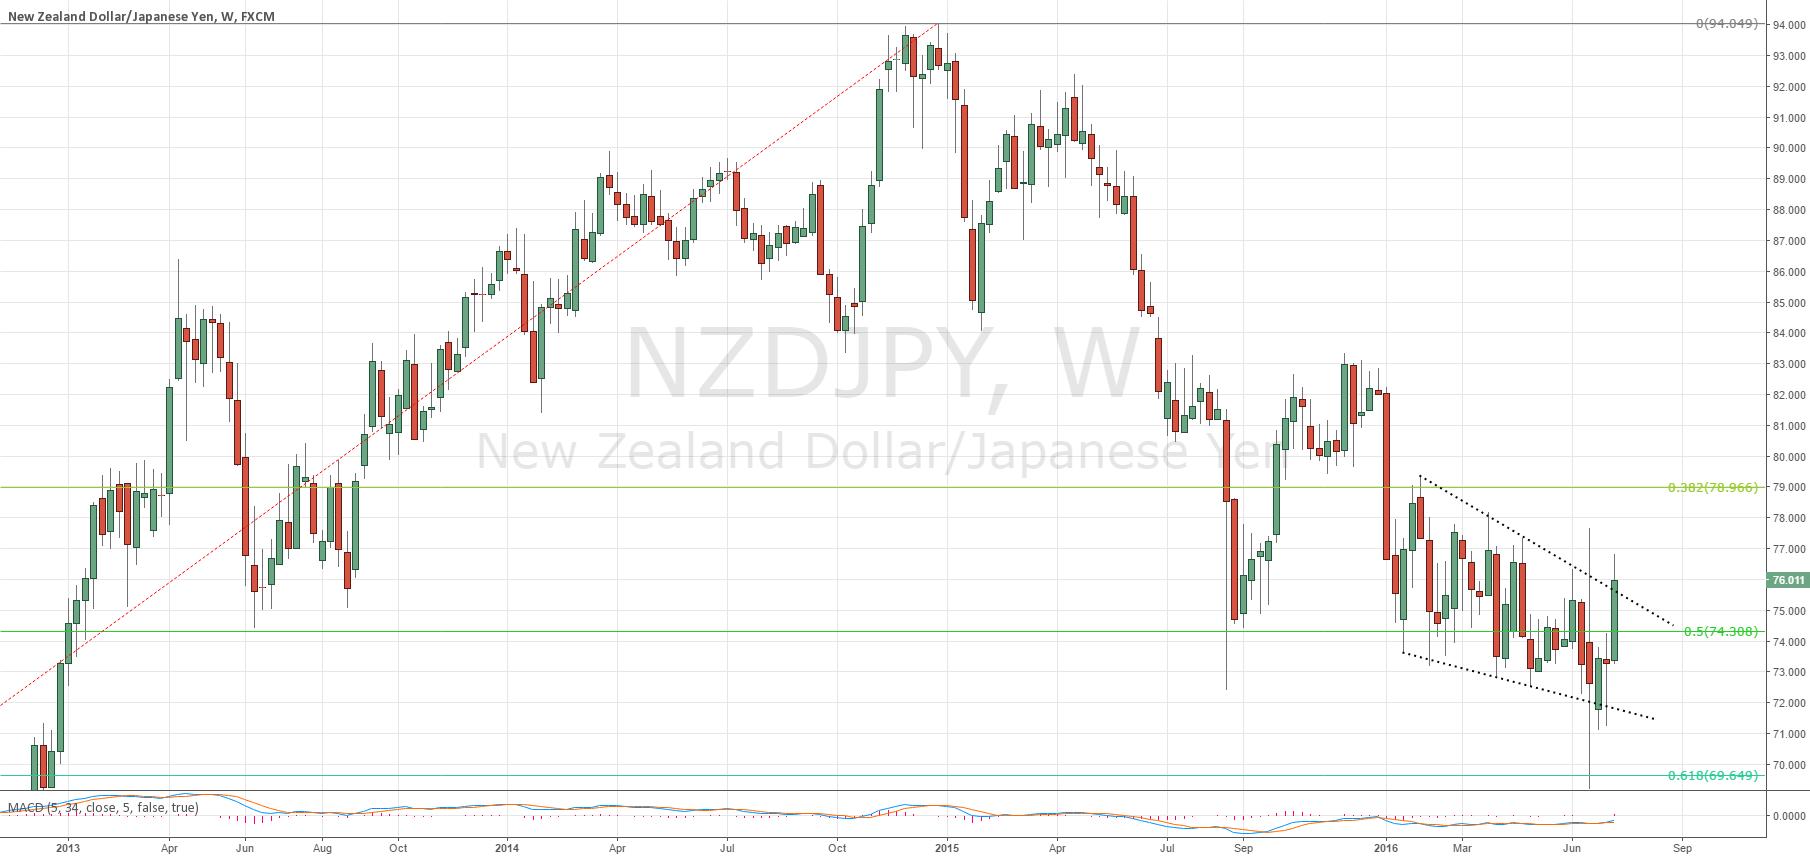 NZDJPY Potential Breakout